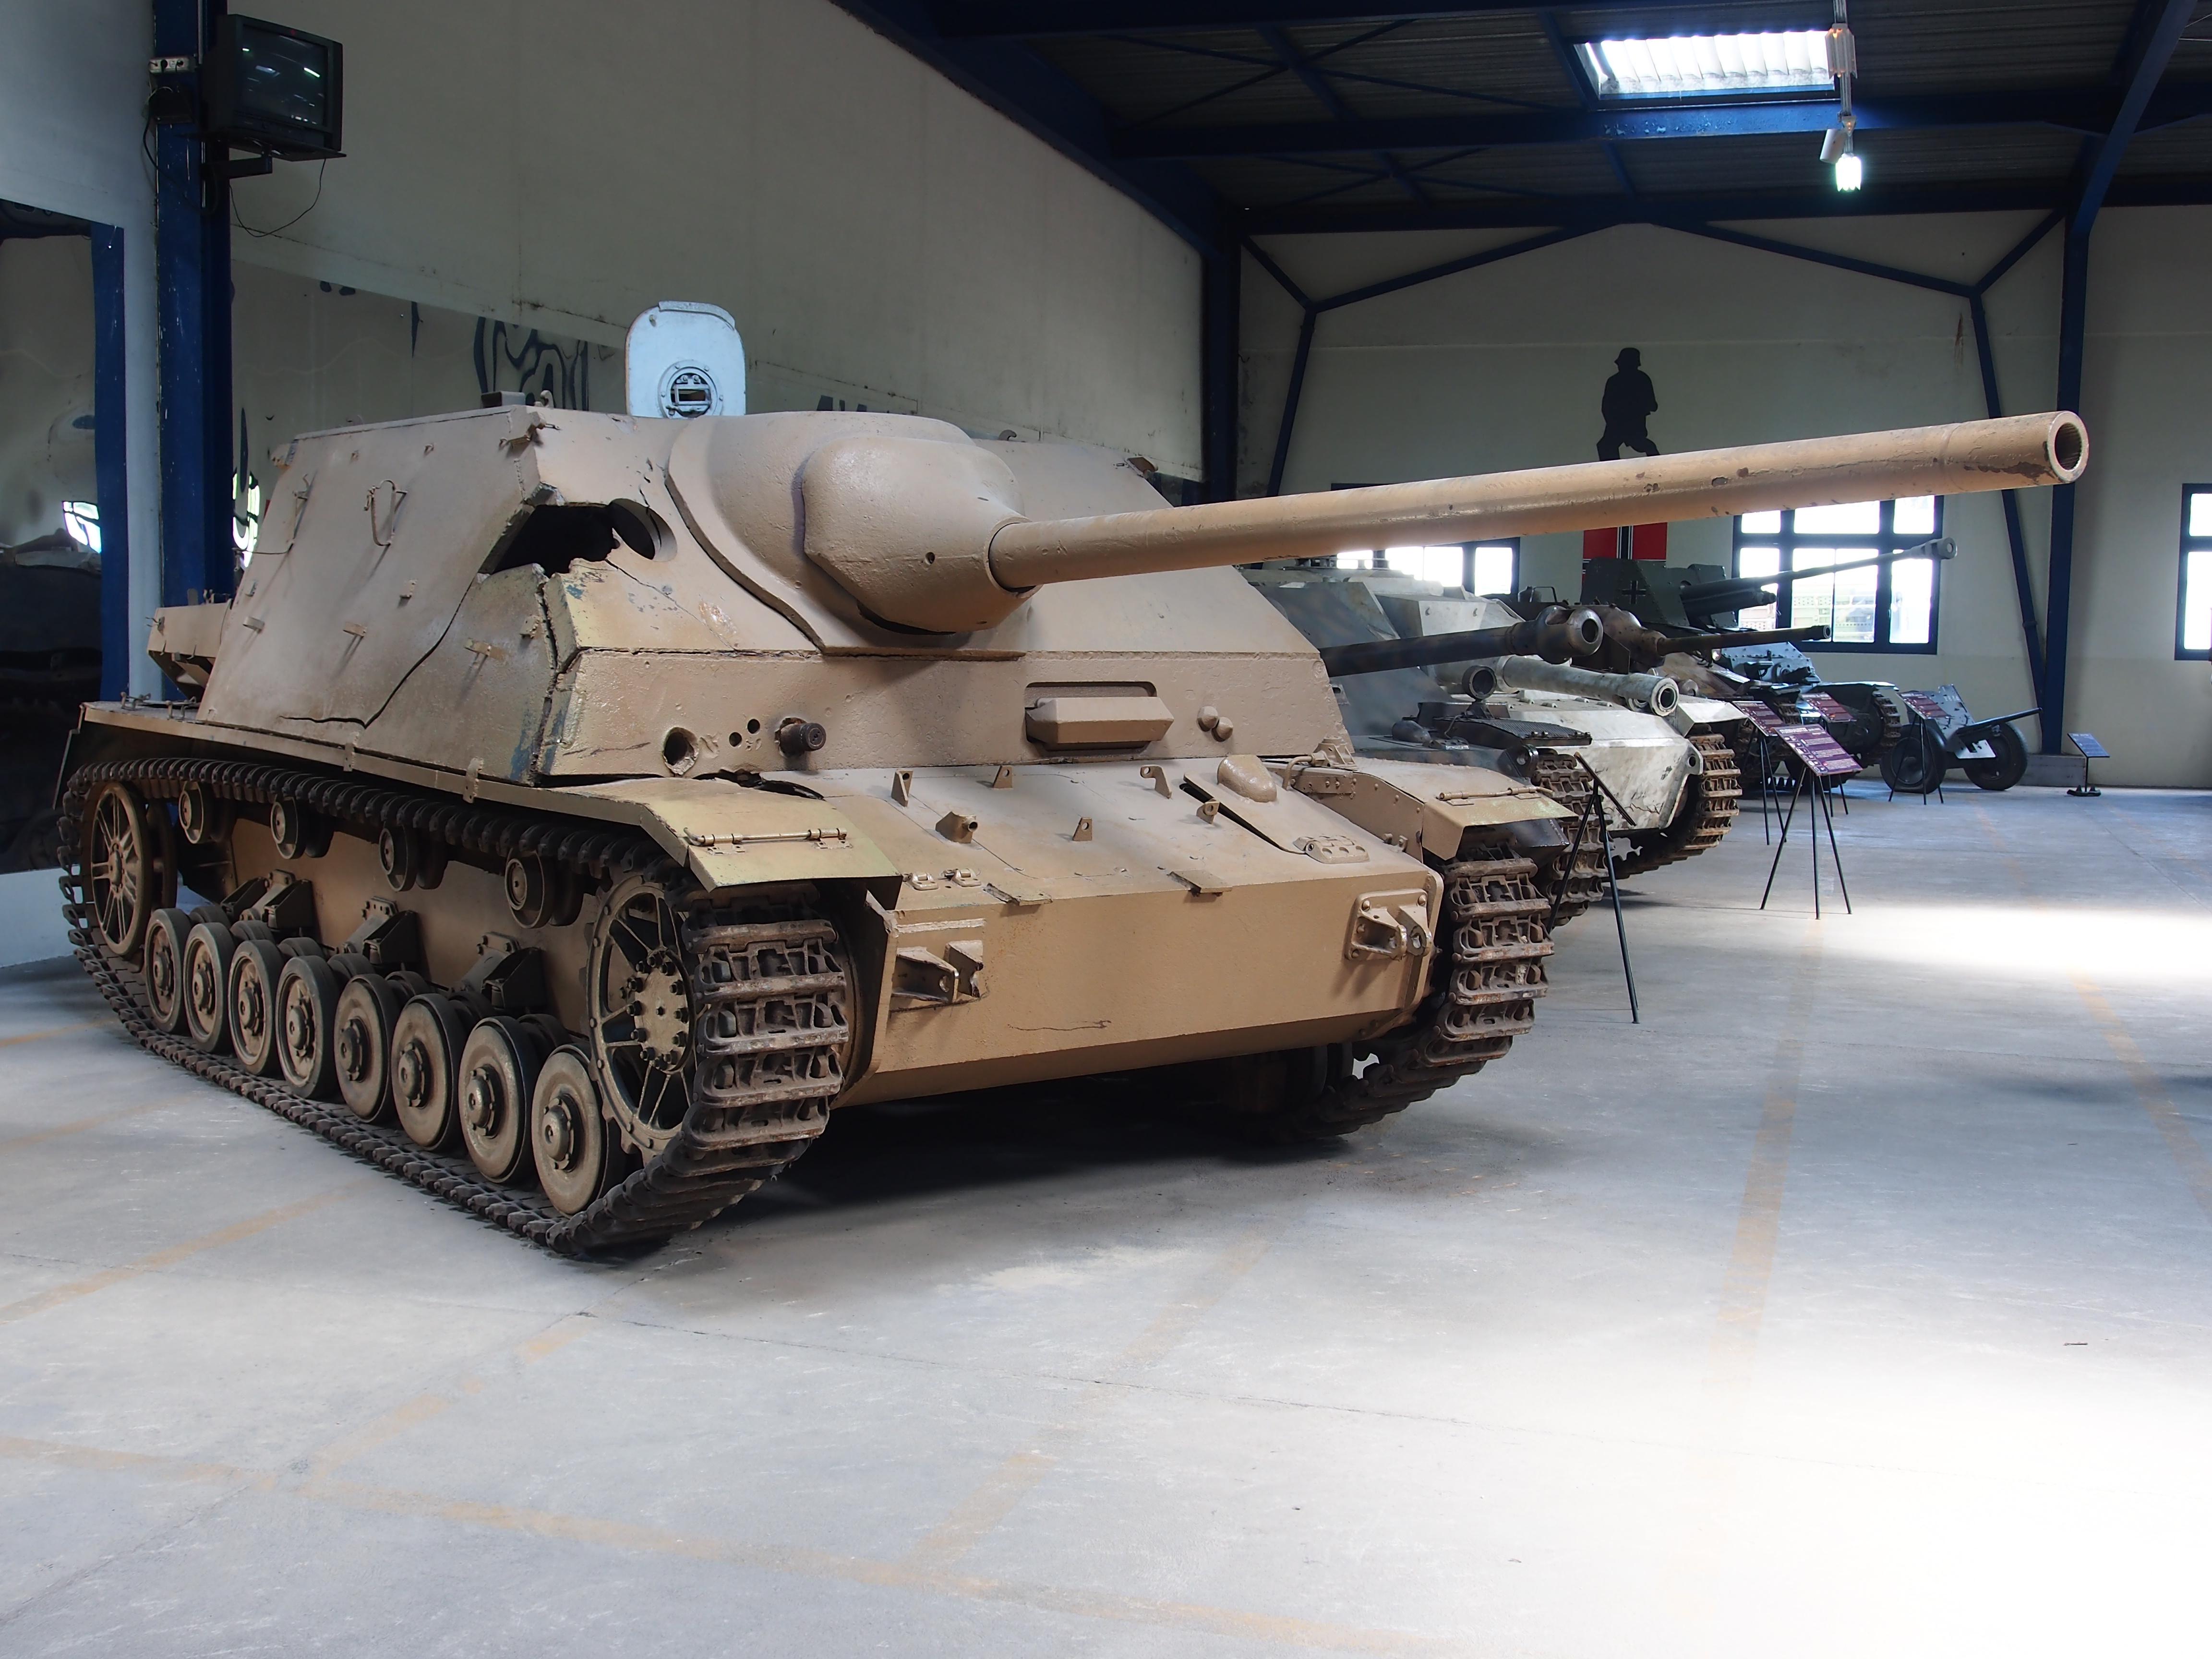 File:Sd.Kfz. 162-1 Jagdpanzer IV-70(A) in the Mus\u00e9e des ...